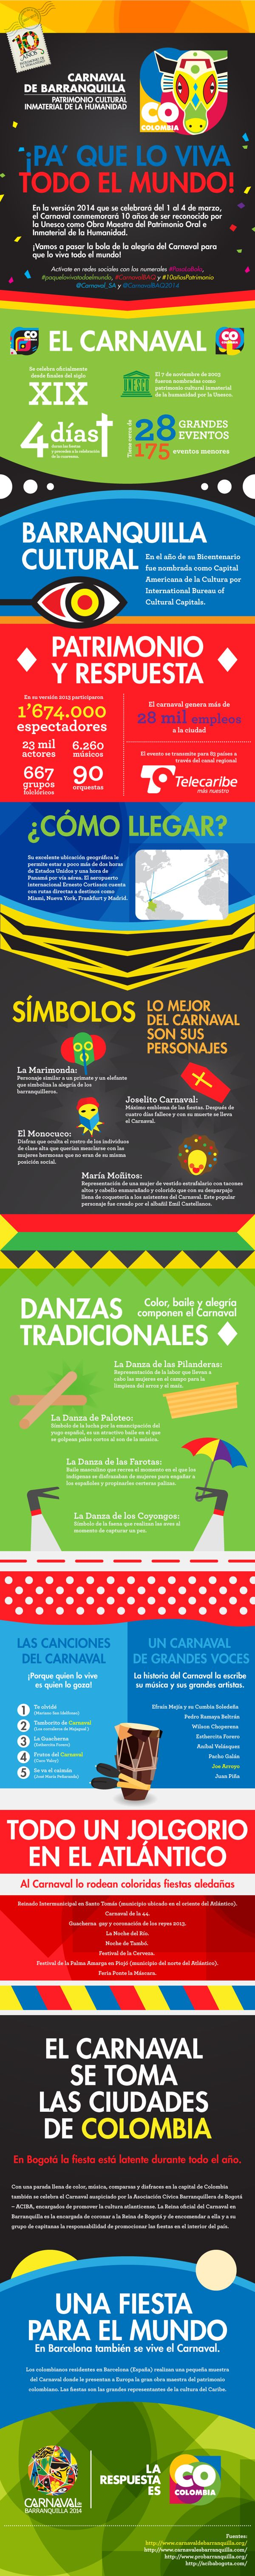 Infografía Carnaval de Barranquilla - Marca Colombia by Samuel Rendón, via Behance